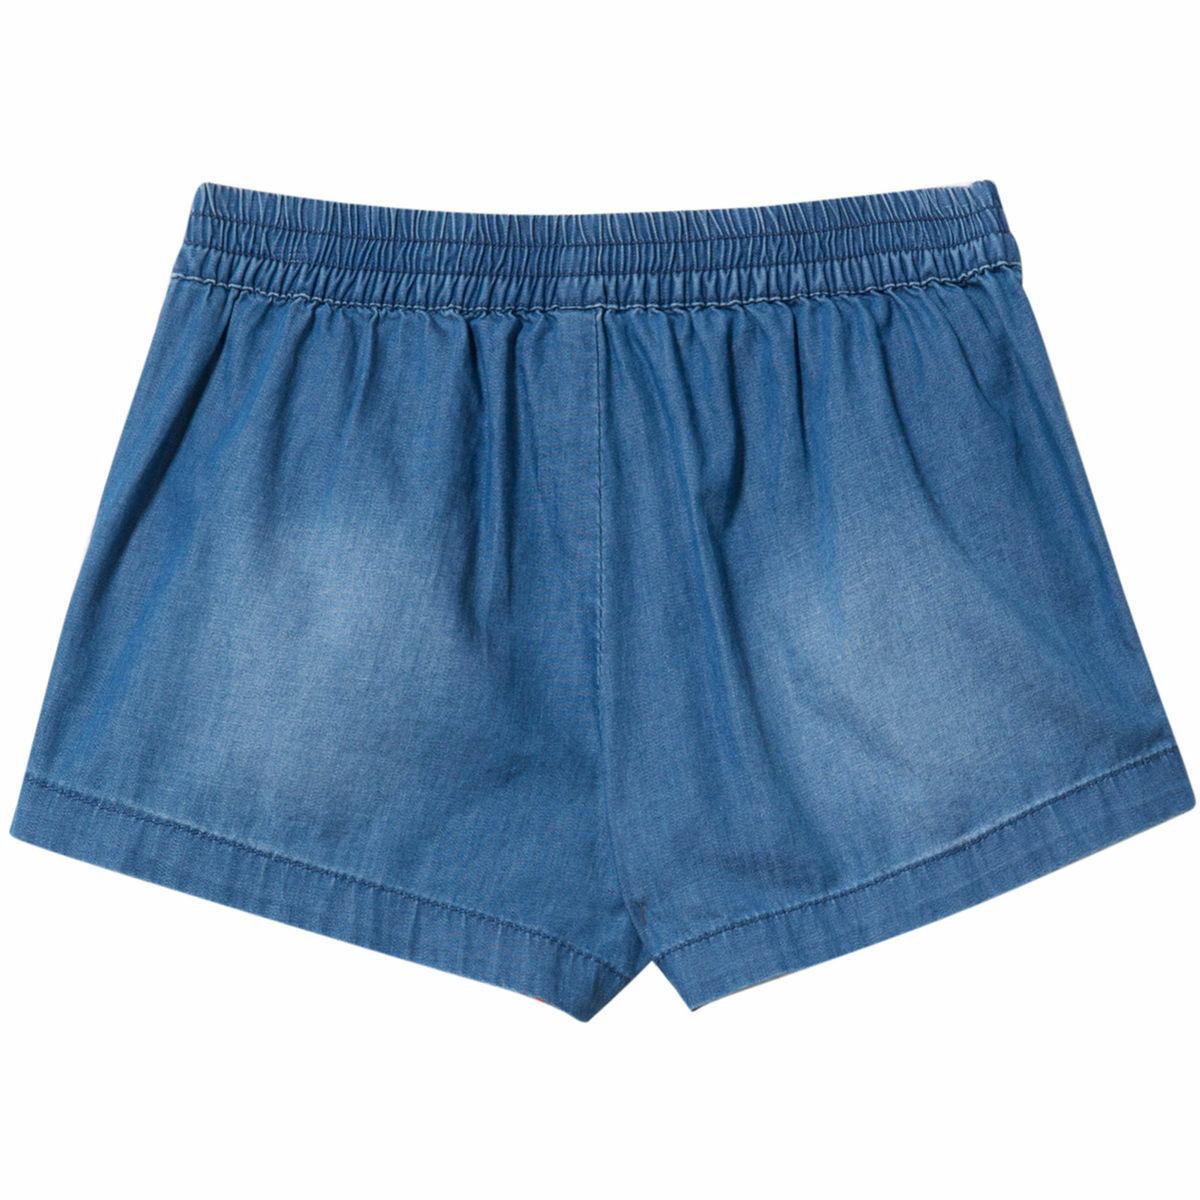 Bild 2 von Desigual Mädchen Jeansshorts